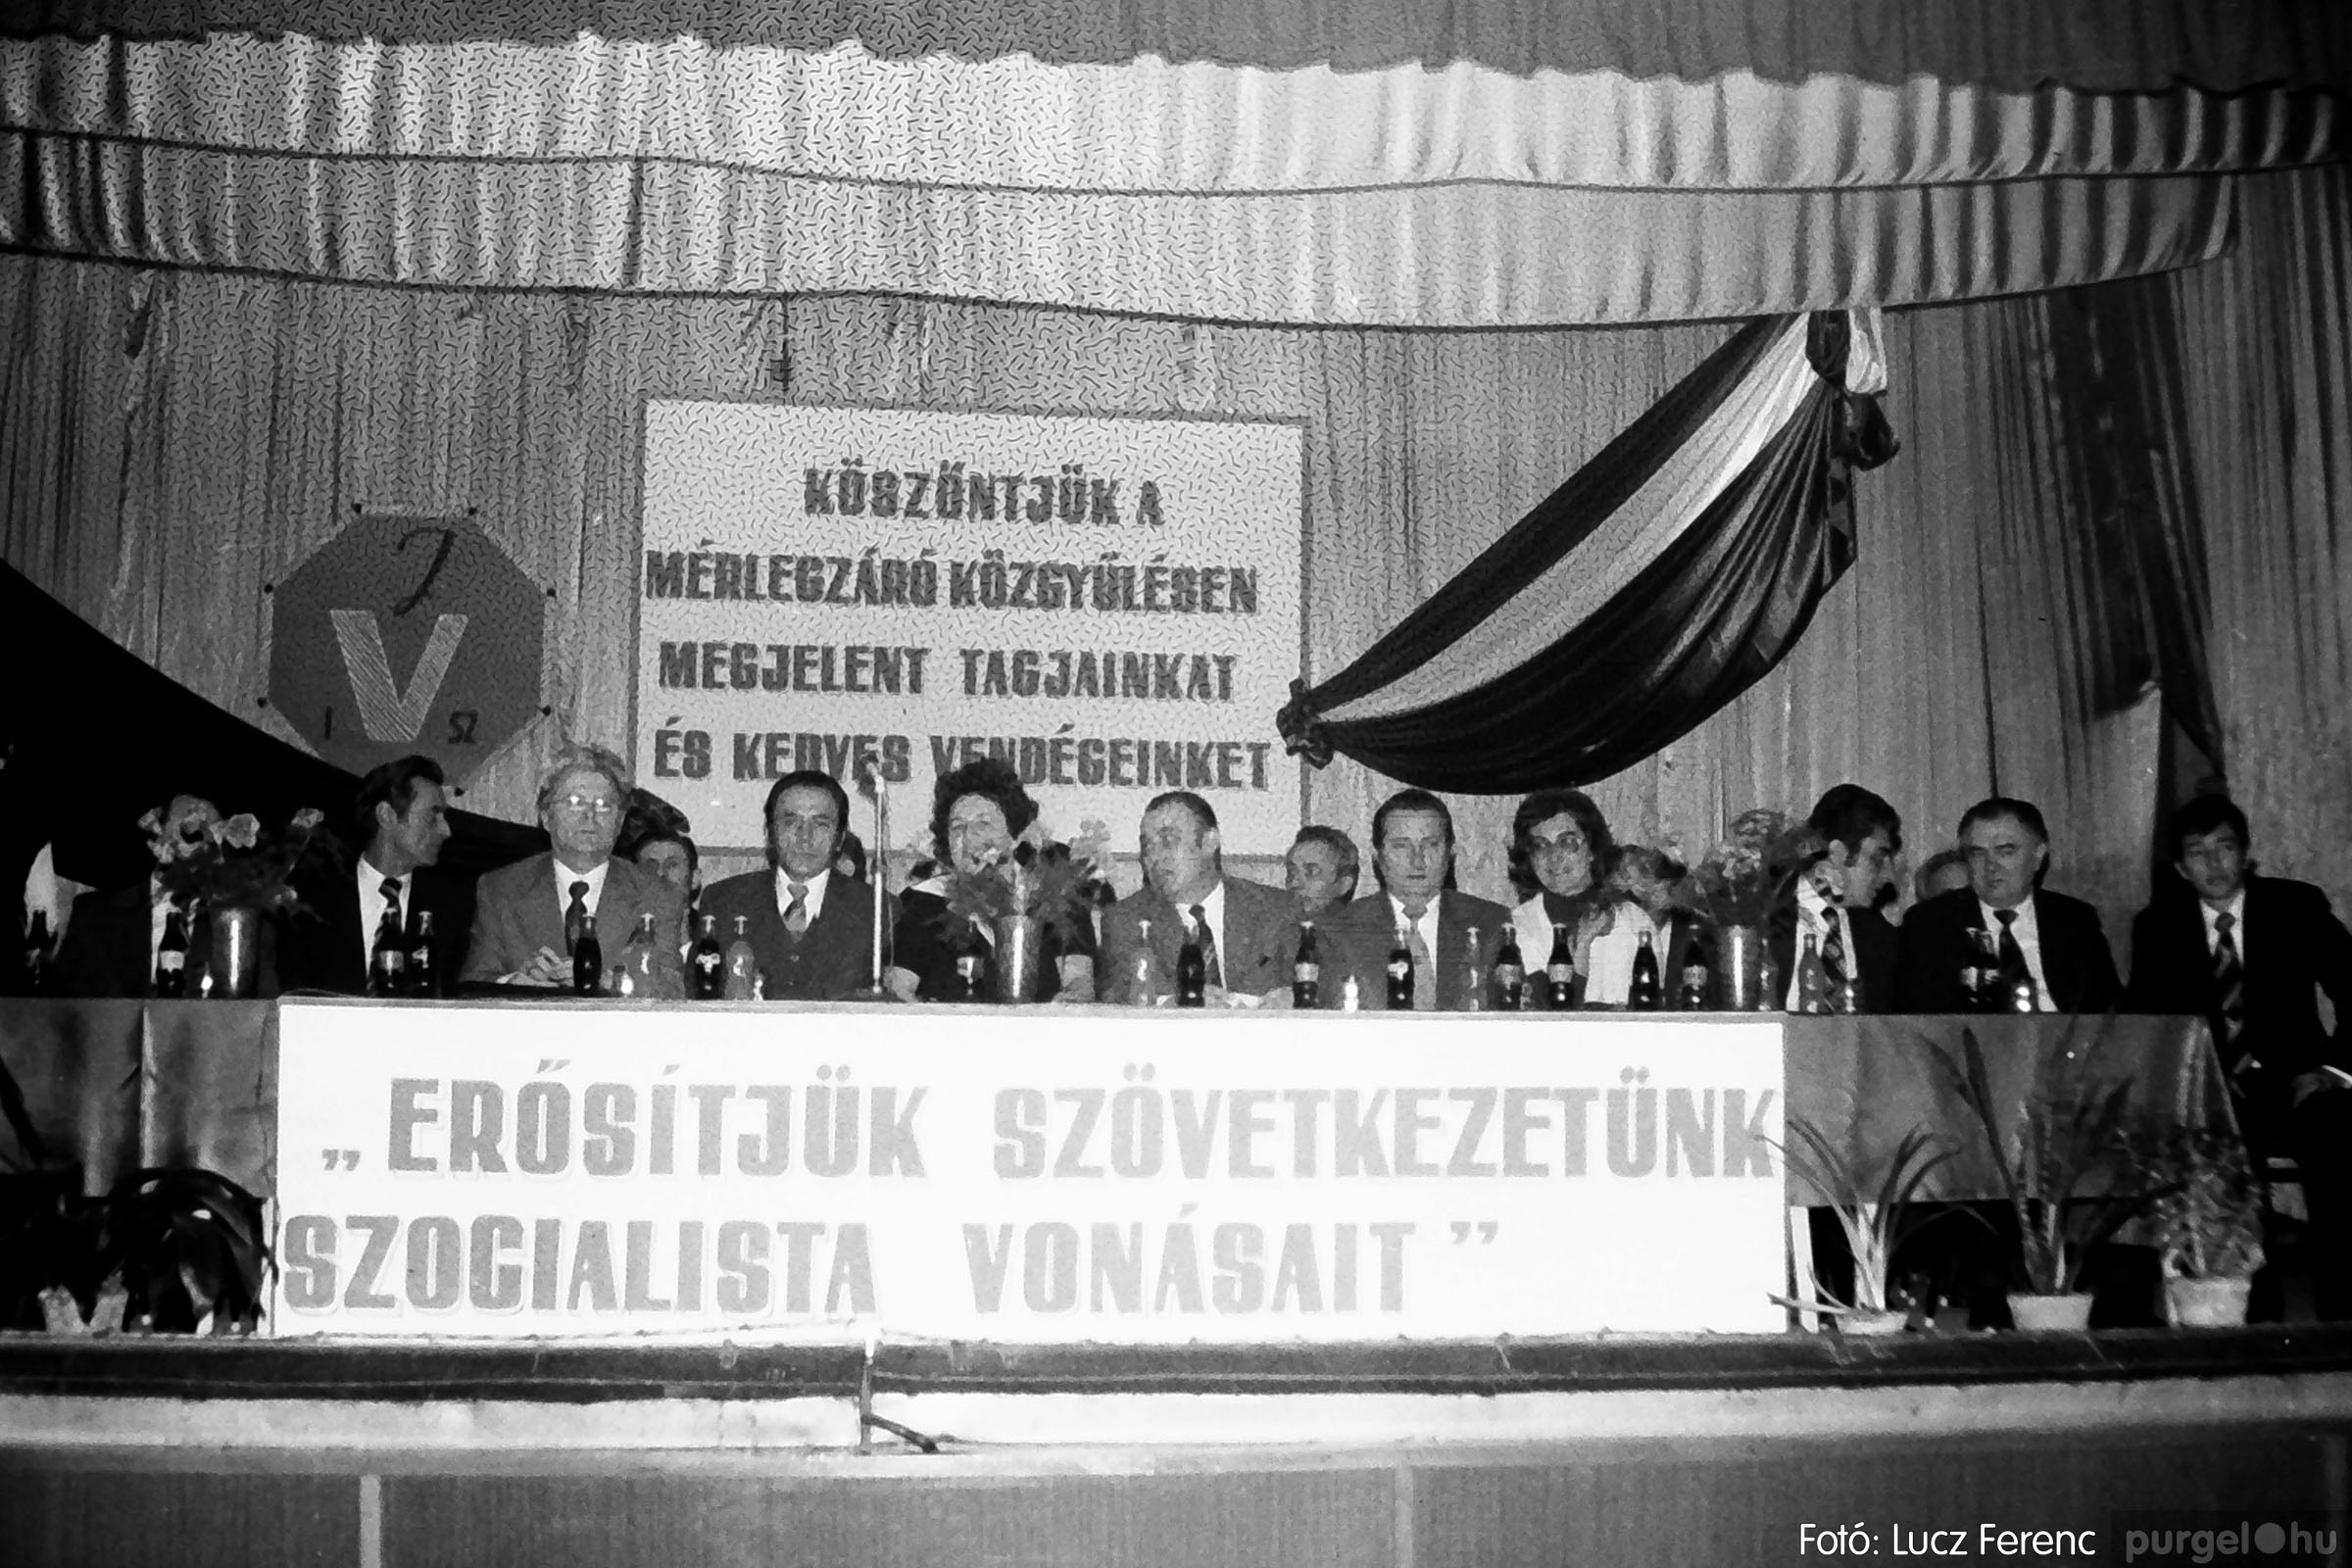 107. 1978. A KTSZ mérlegzáró közgyűlése 015. - Fotó: Lucz Ferenc.jpg